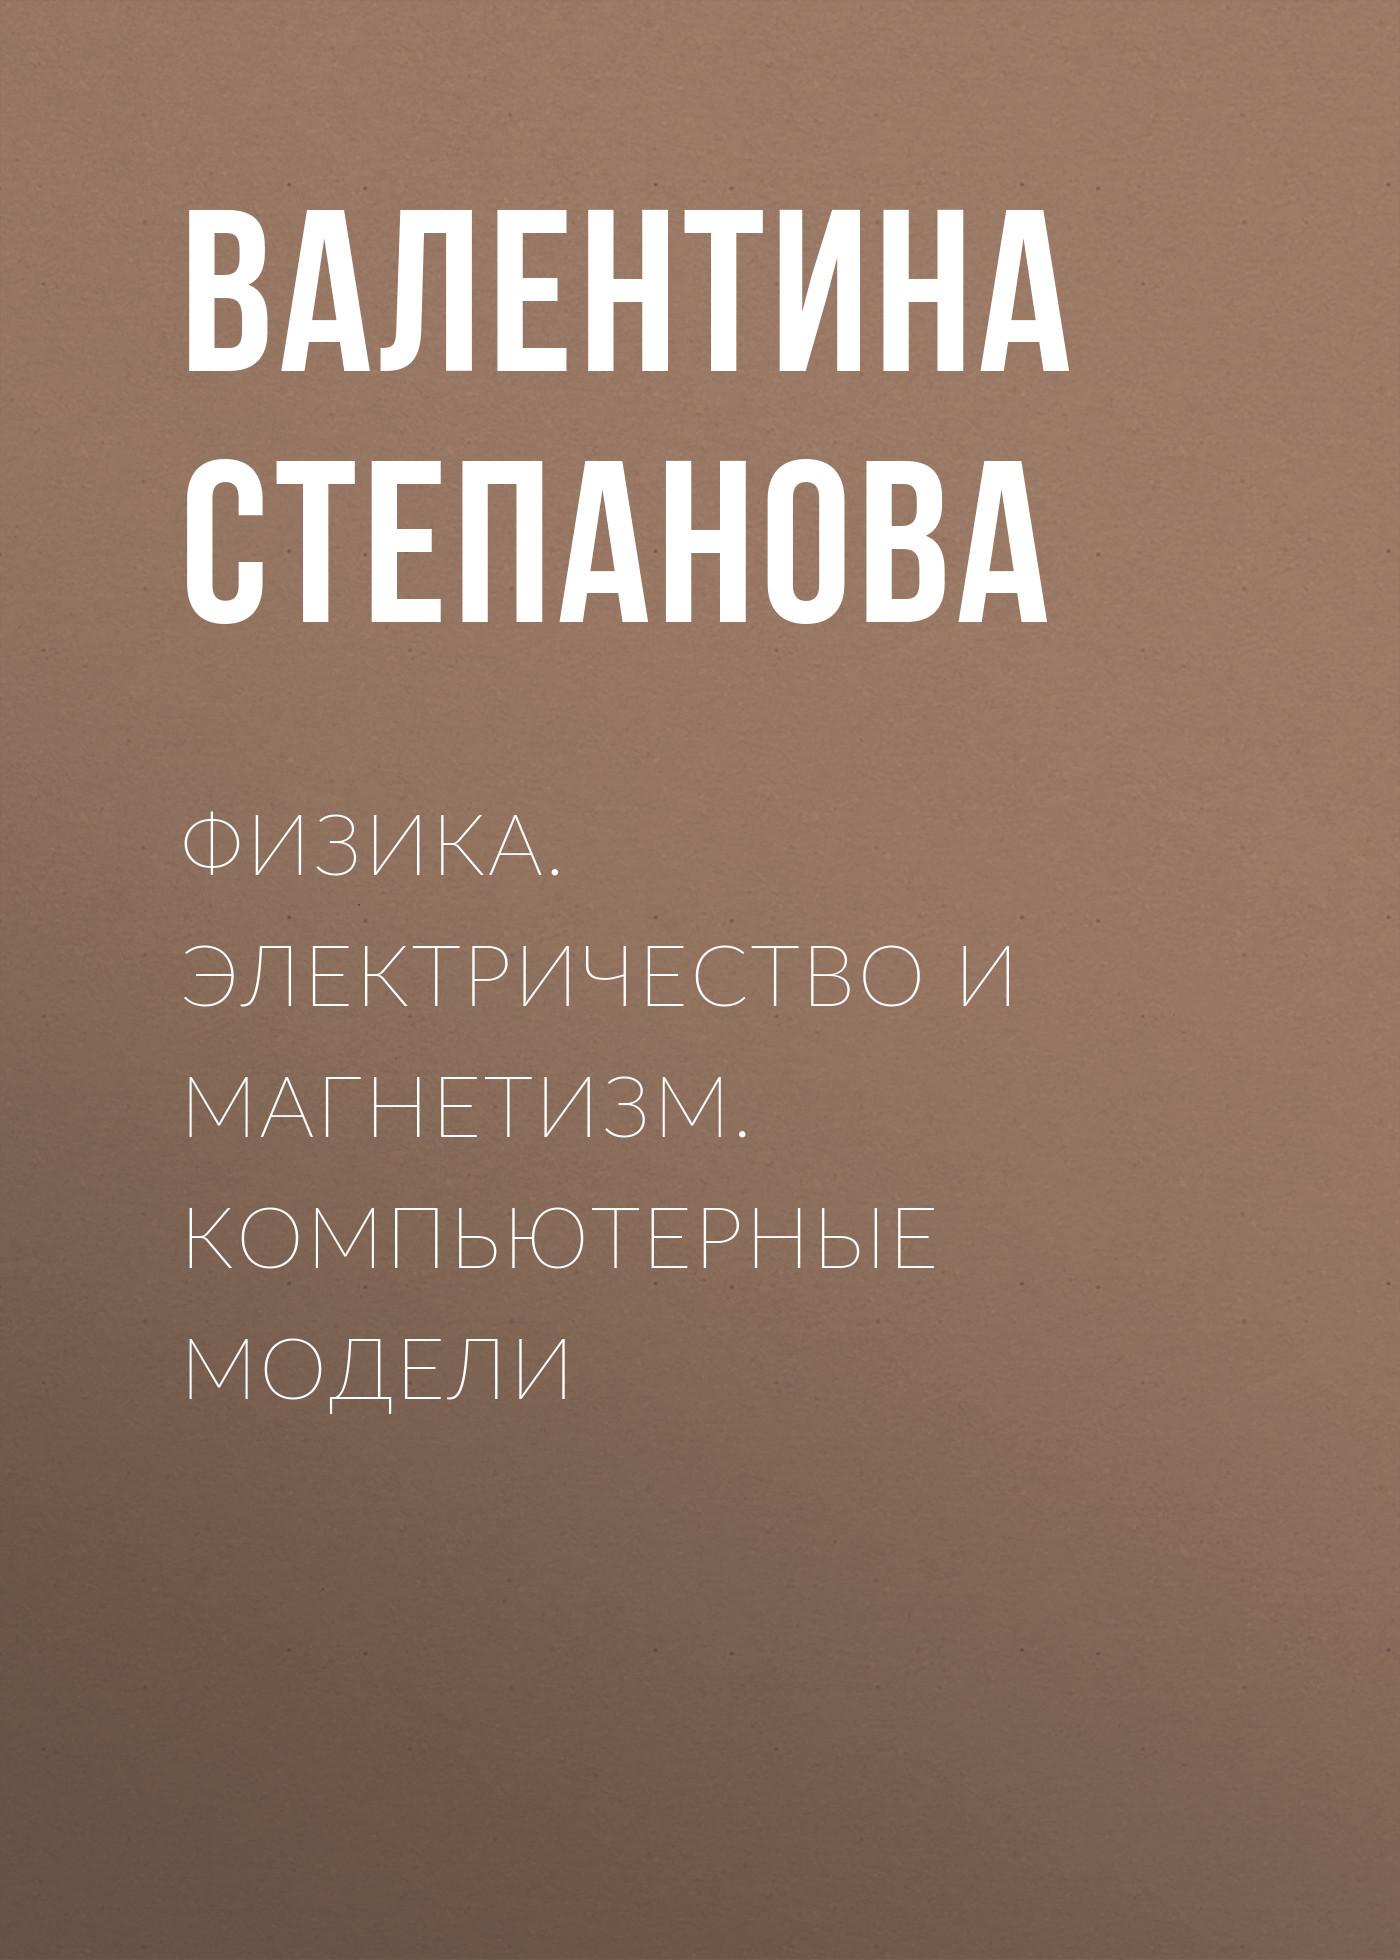 Валентина Степанова. Физика. Электричество и магнетизм. Компьютерные модели